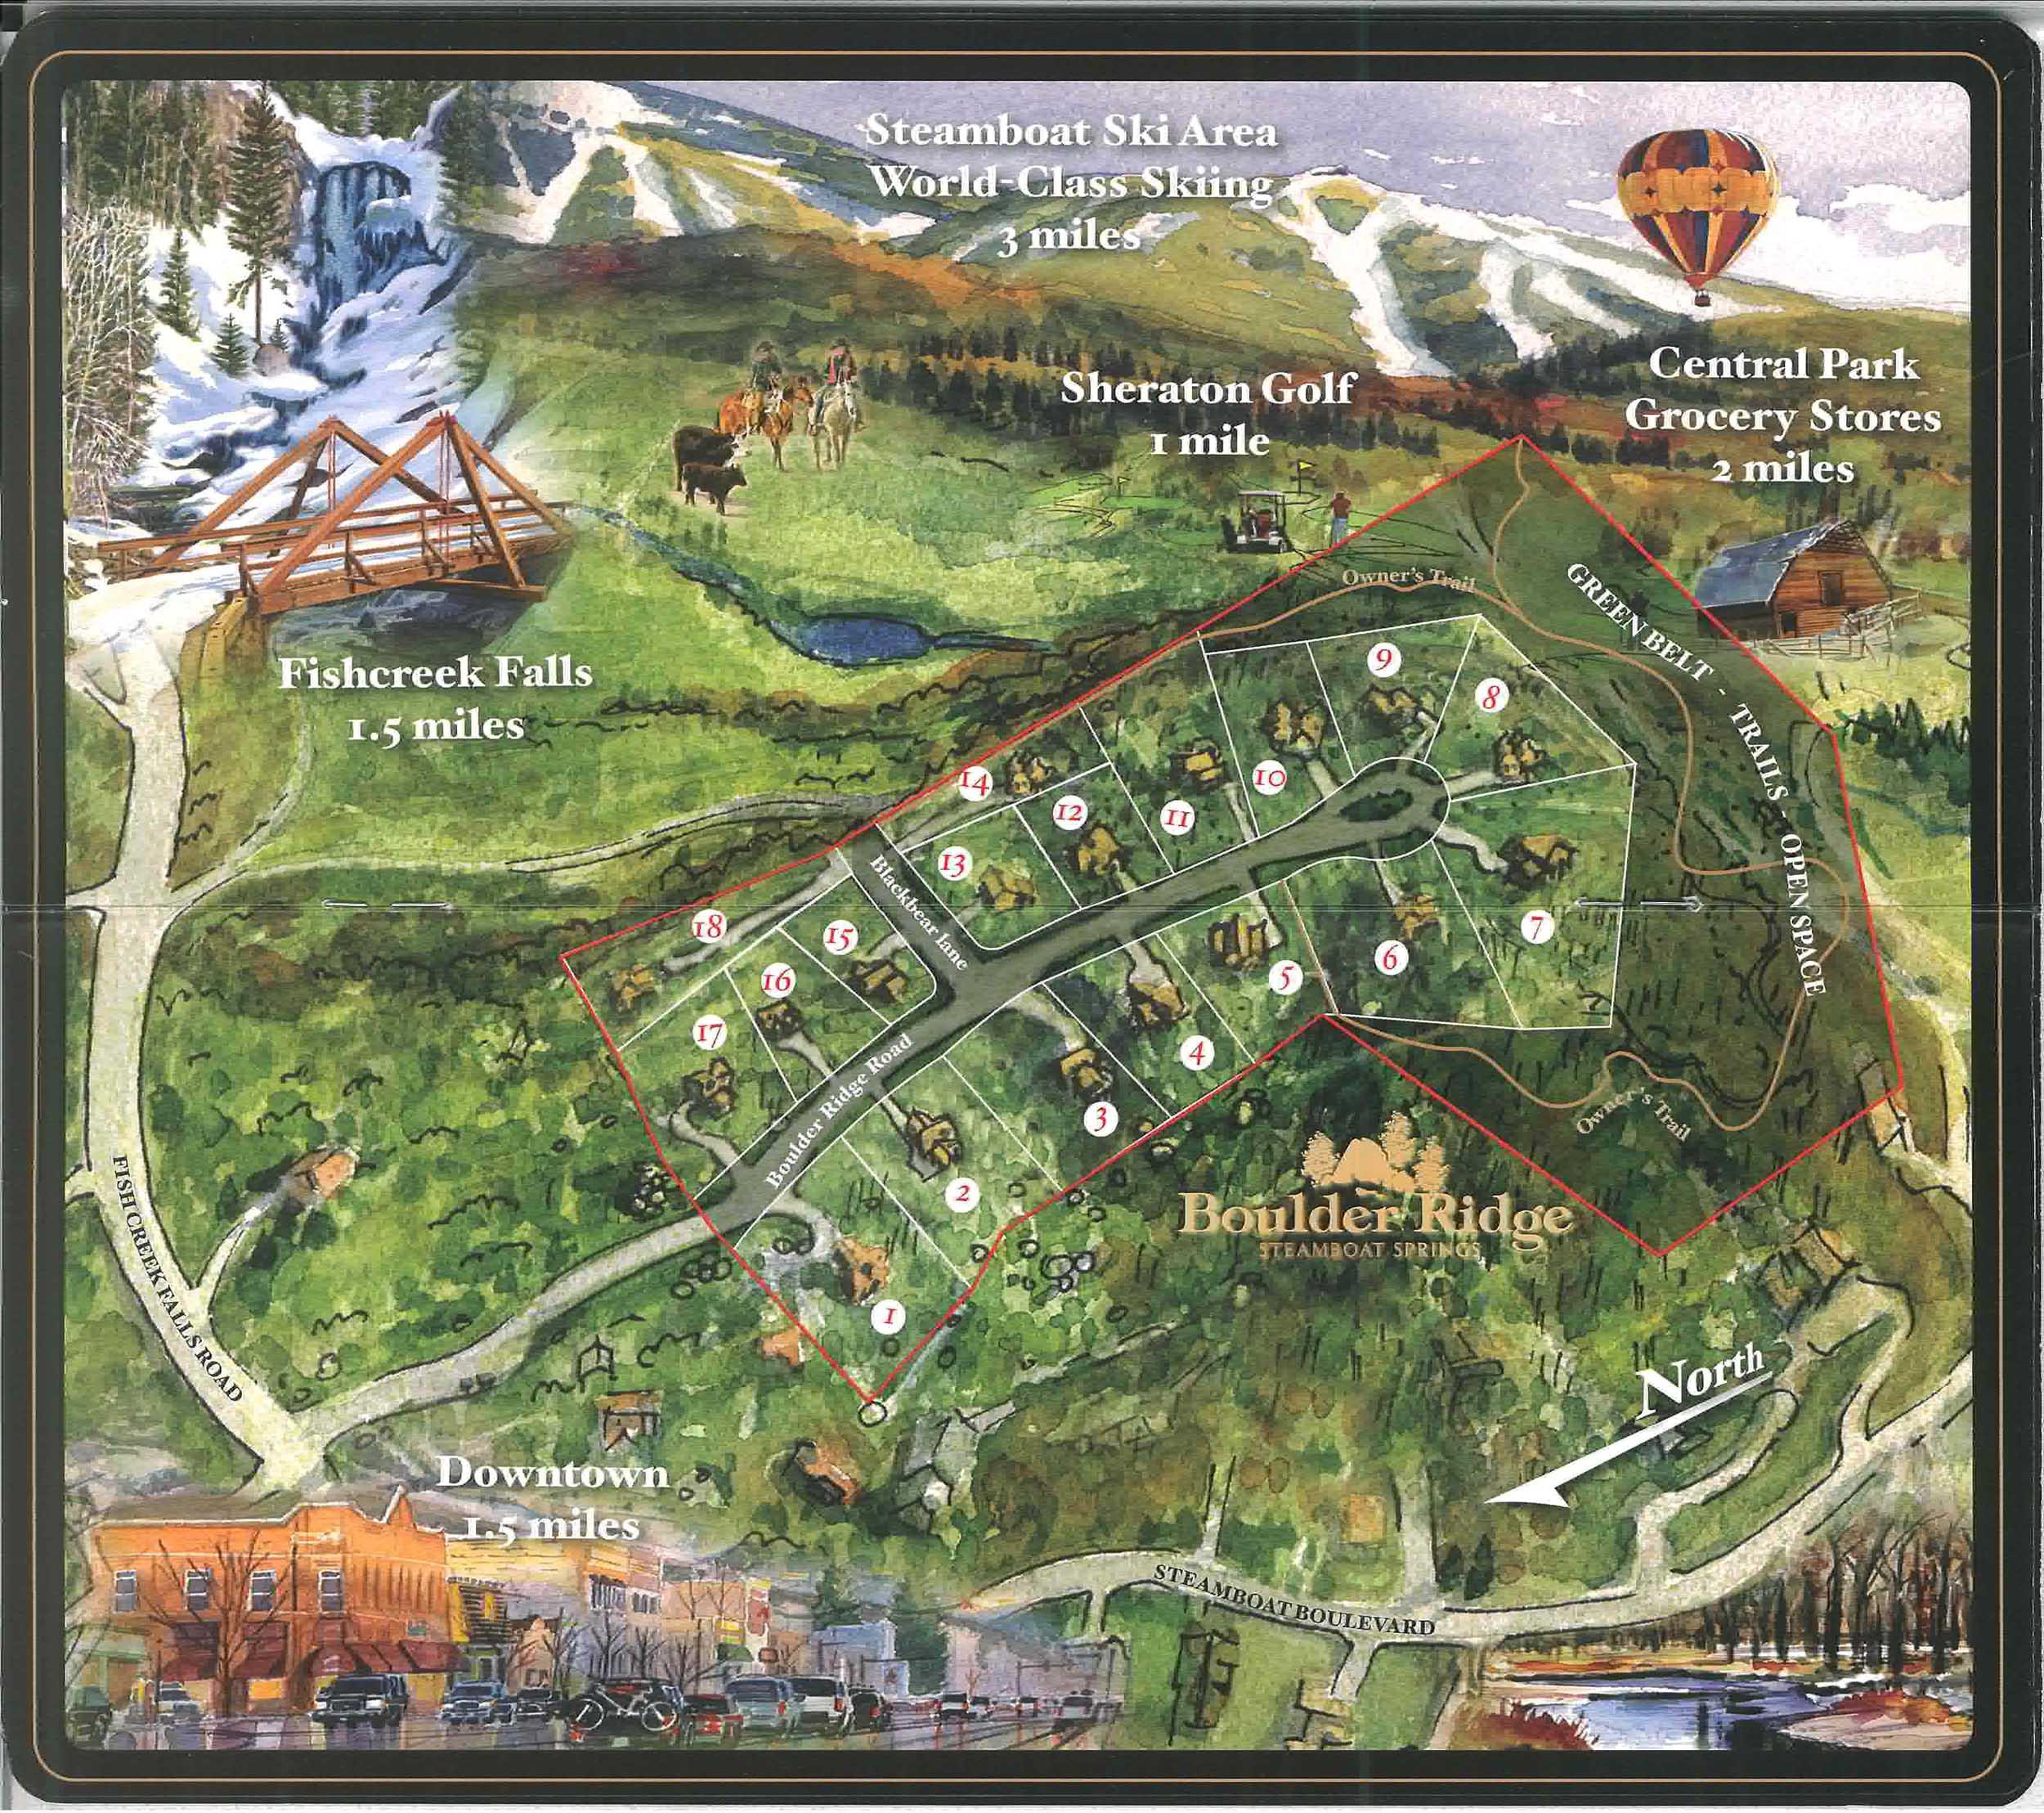 Boulder Ridge In Steamboat Springs Steamboat Springs